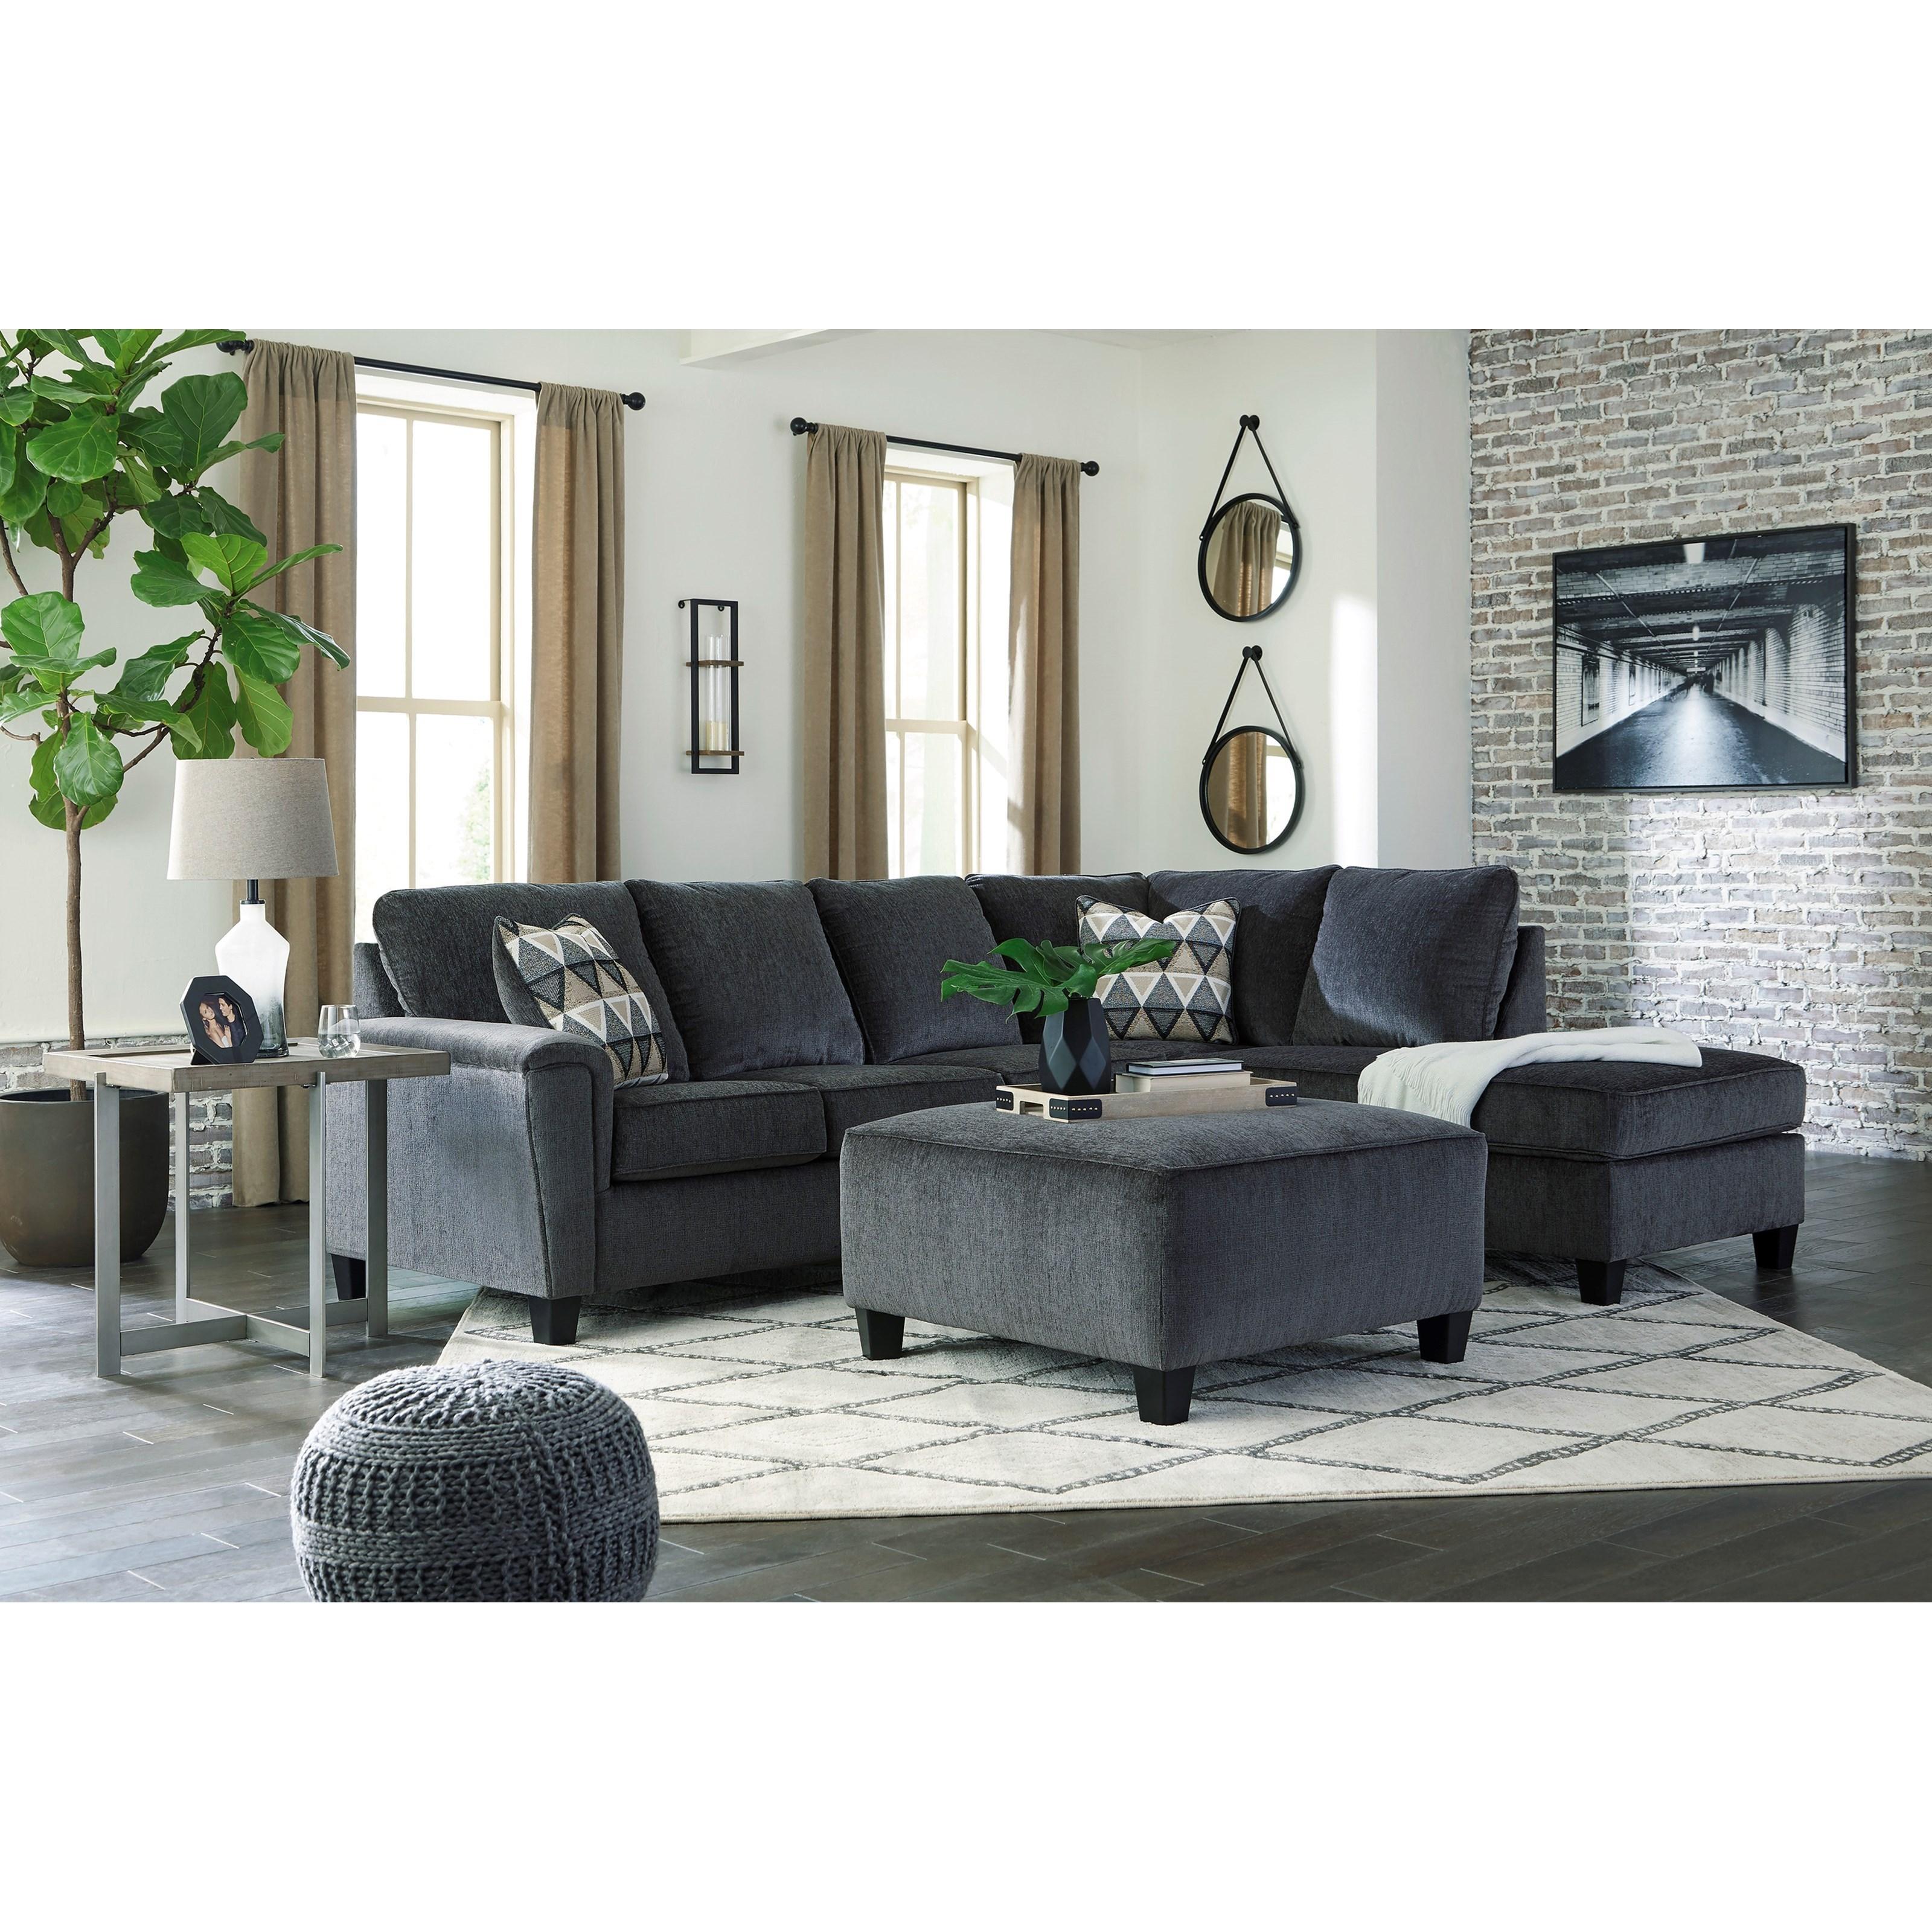 Abinger Living Room Group at Van Hill Furniture